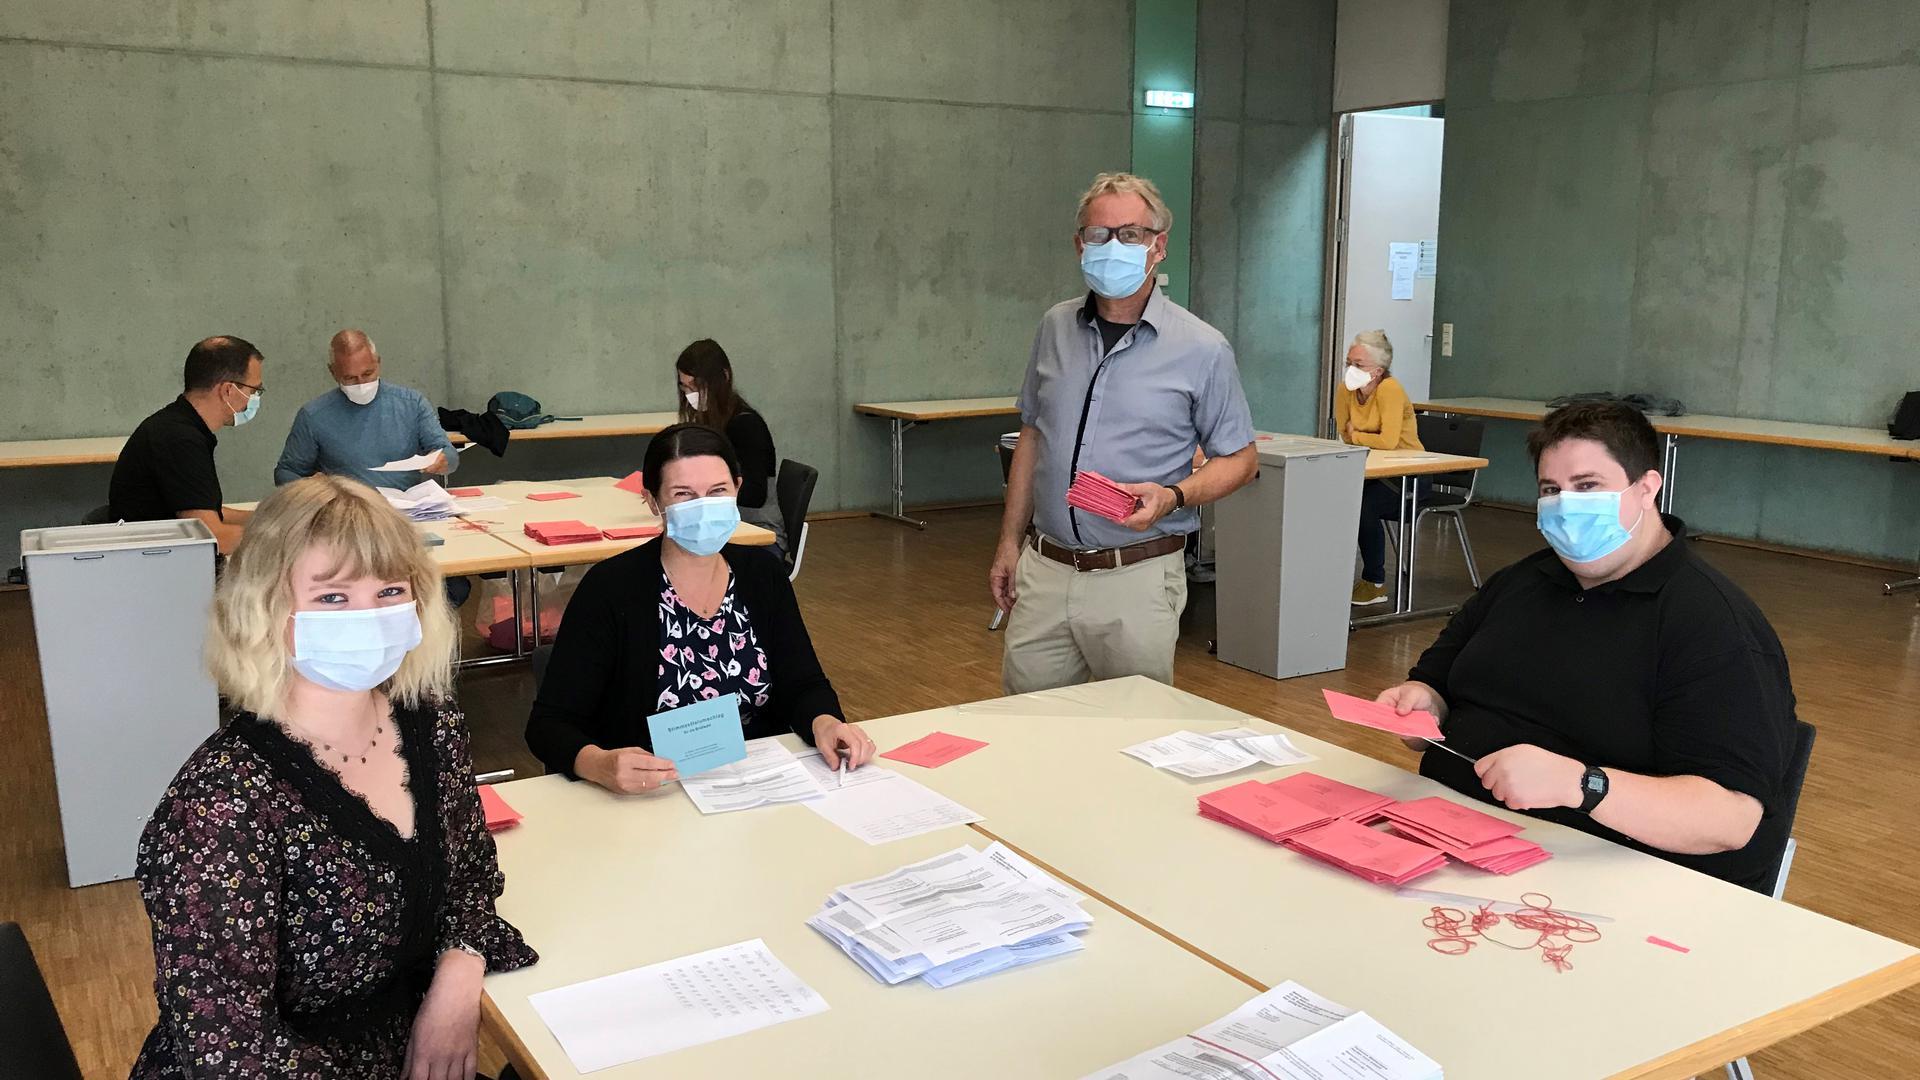 Remchingens stellvertretender Hauptamtsleiter Udo Stöckle (stehend) bringt Nachschub für die Helfer (von links:) Linda Wöhlke, Michaela Ungerer und Robin Leonhardt.